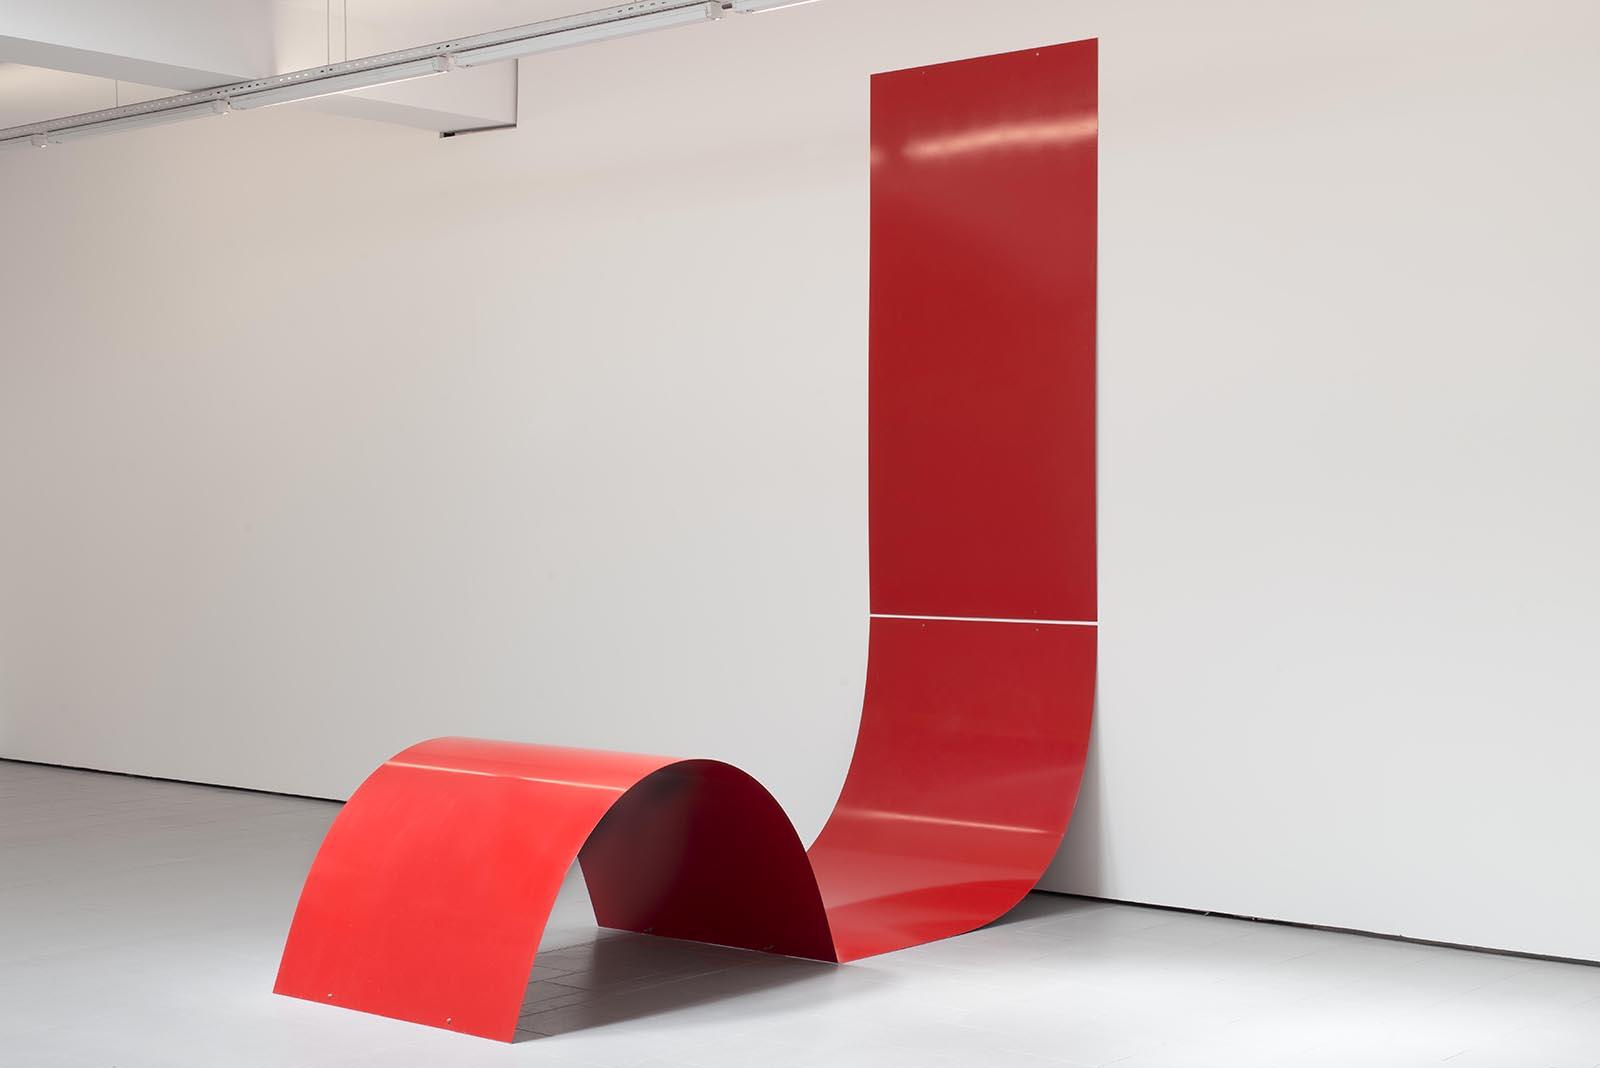 PÚBLICO - A confirmação do lugar de um grande escultor: Zulmiro de Carvalho